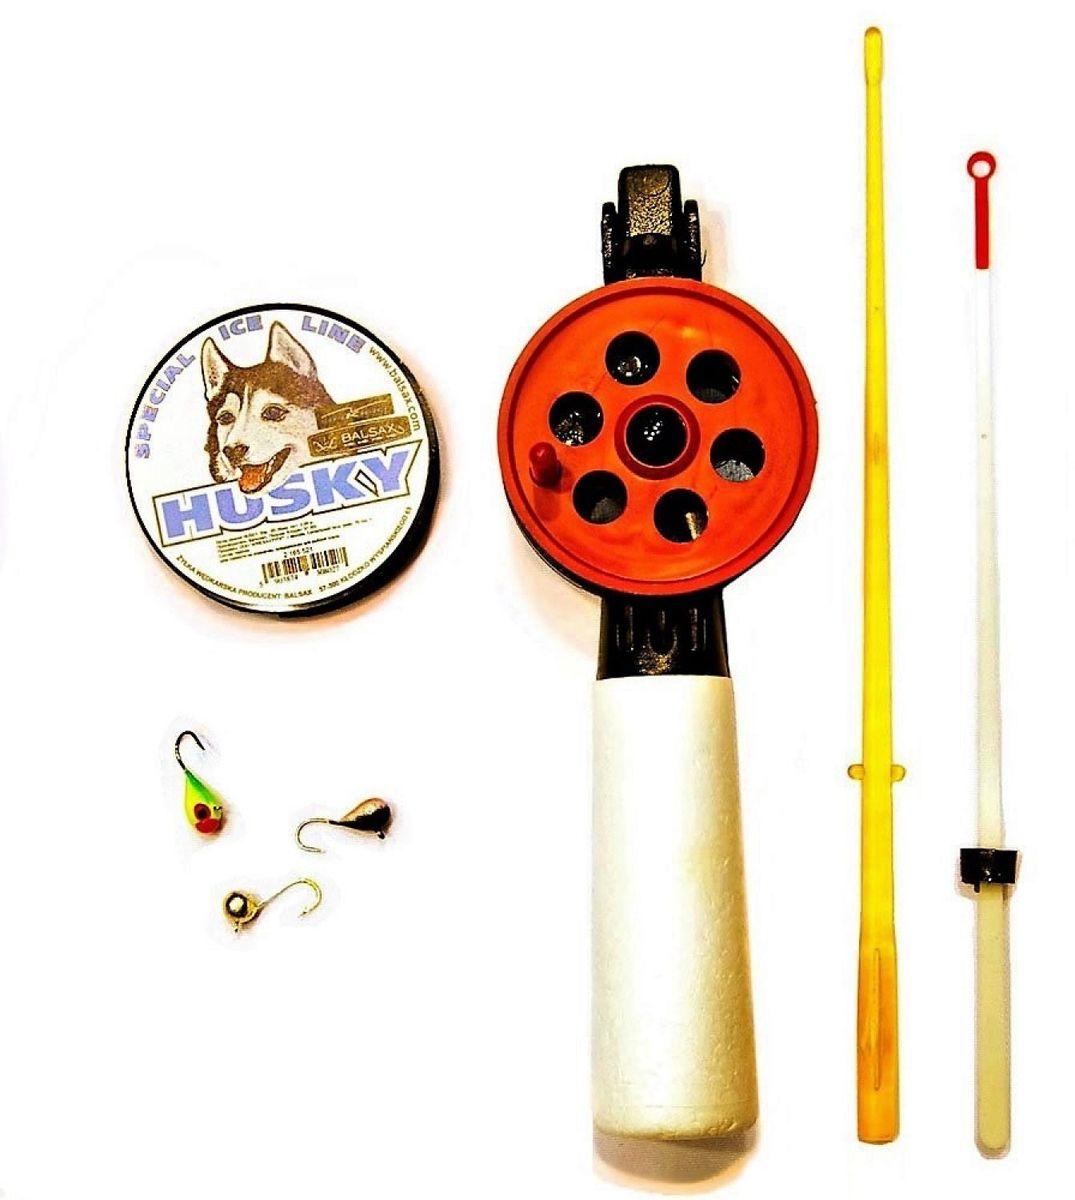 Набор для зимней рыбалки Аляска На Плотву, со сторожкомА2017/НЗ12Набор для ловли плотвы на кивок со льда. Плотва активнее клюет на легкие и тоненькие снасти, именно по этому в комплекте имеется удочка с удлиненное рукояткой, для более комфортной игры приманкой,, чувствительный сторожок, три вольфрамовые мормышки разных расцветок и диаметров, форм, леска 30 м, диаметром 0,06 мм